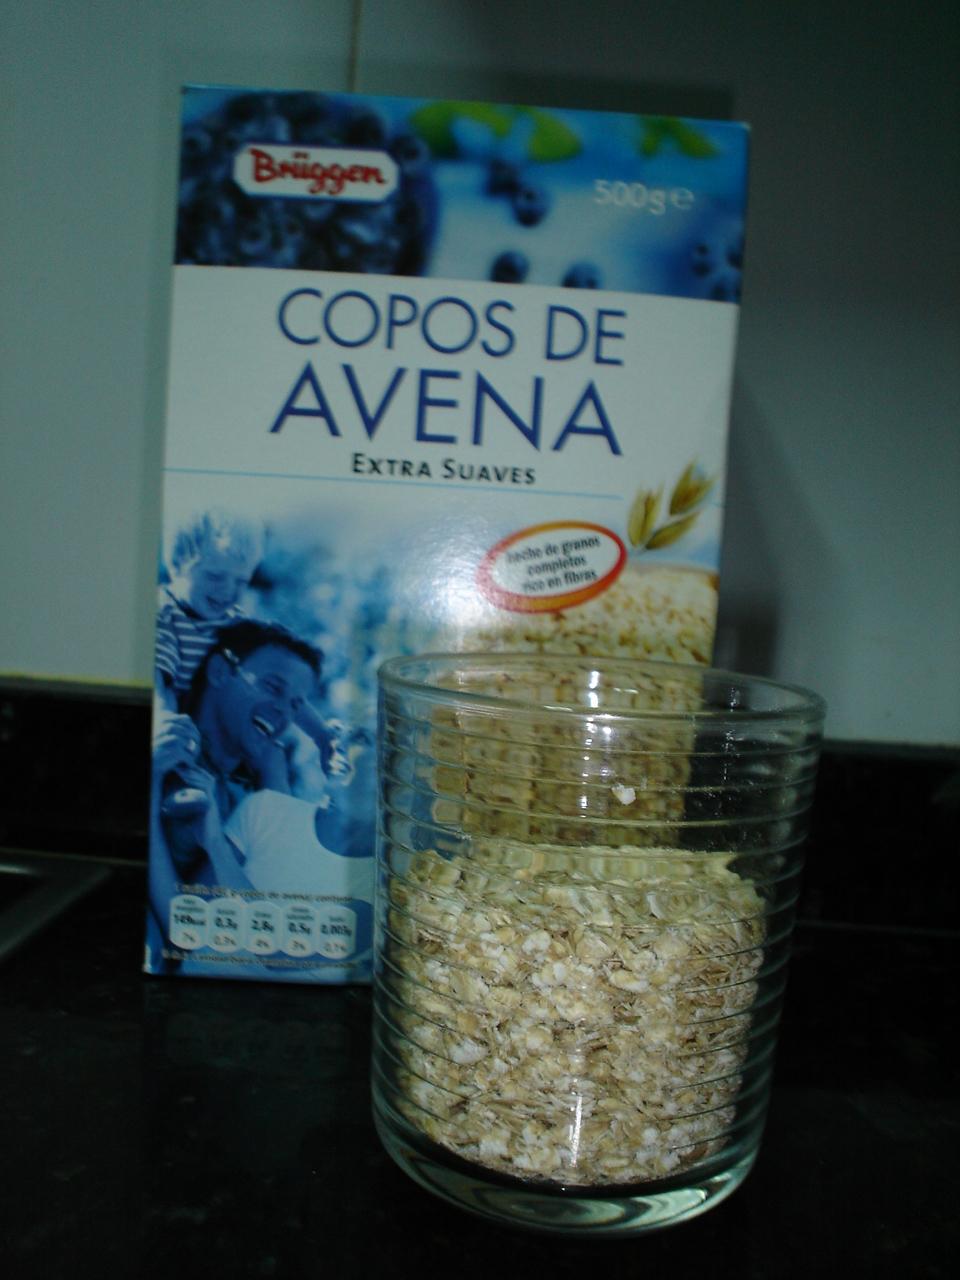 Cosas de harne mi desayuno oatmeal o gachas de avena - Copos de avena bruggen ...